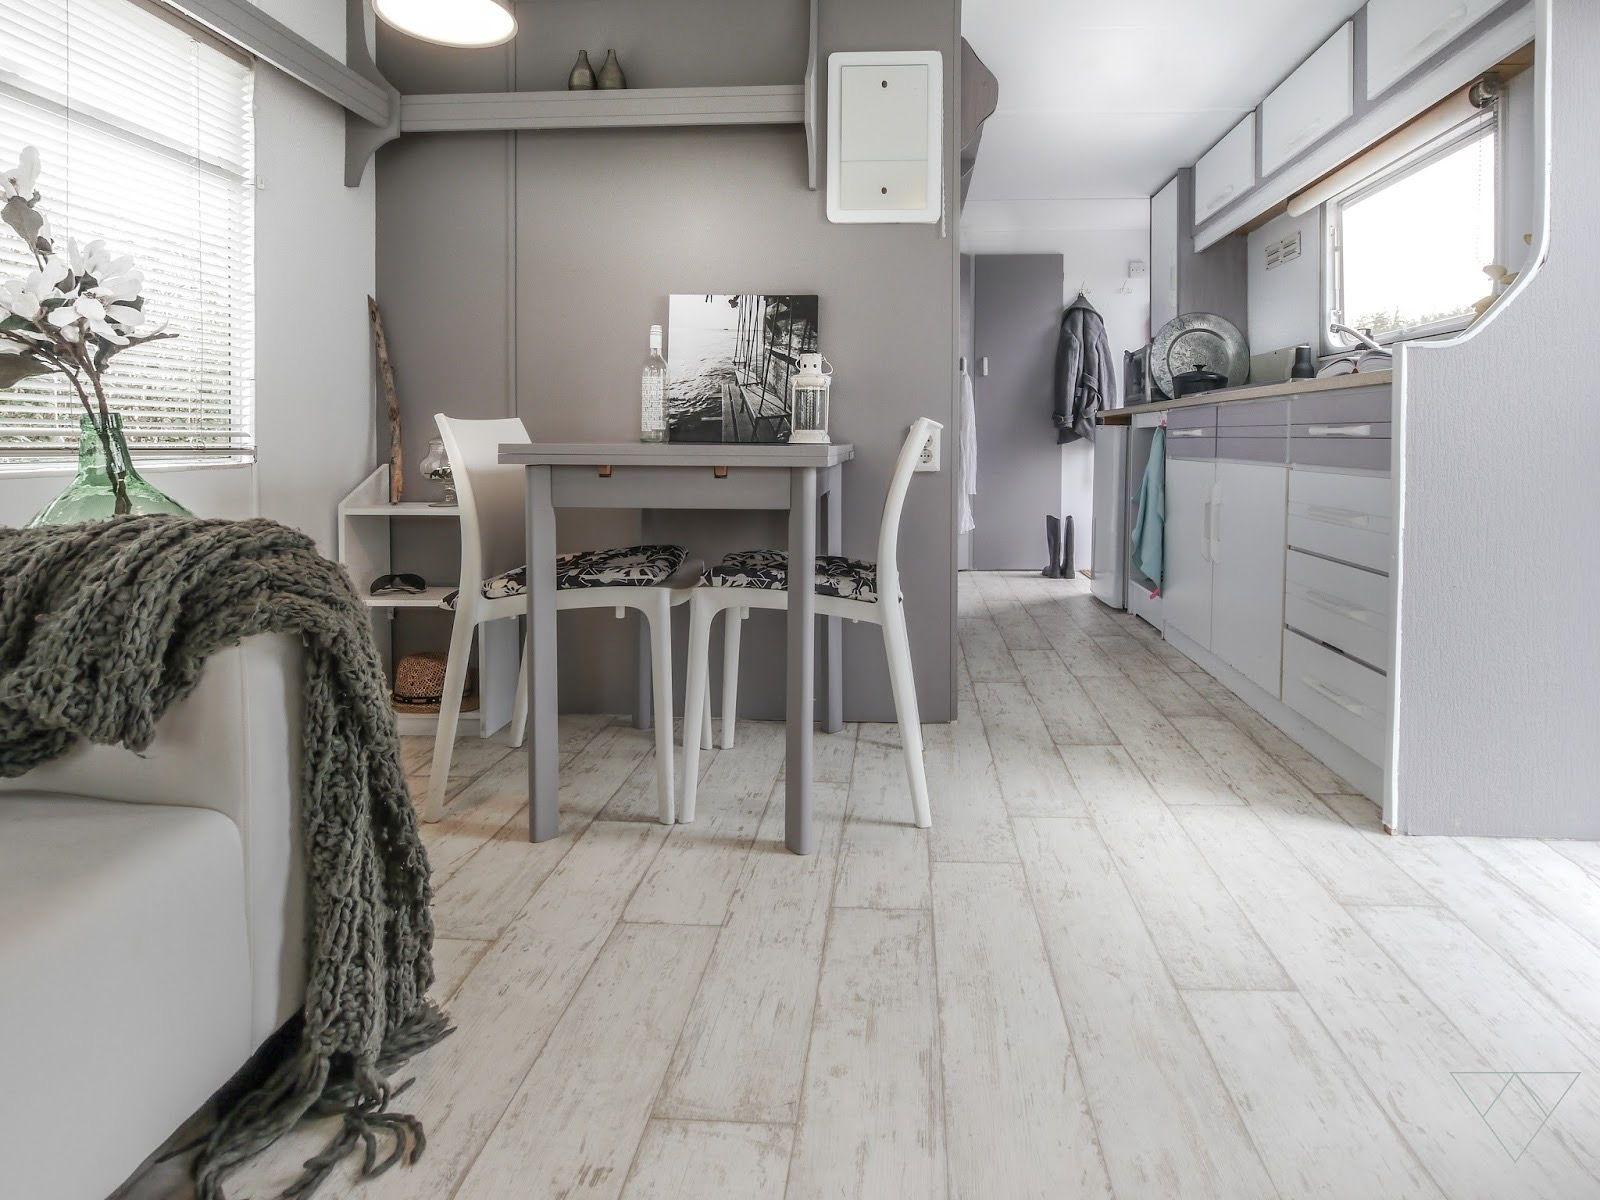 Witte laminaat of vinyl vloer studi in 2018 caravan caravan